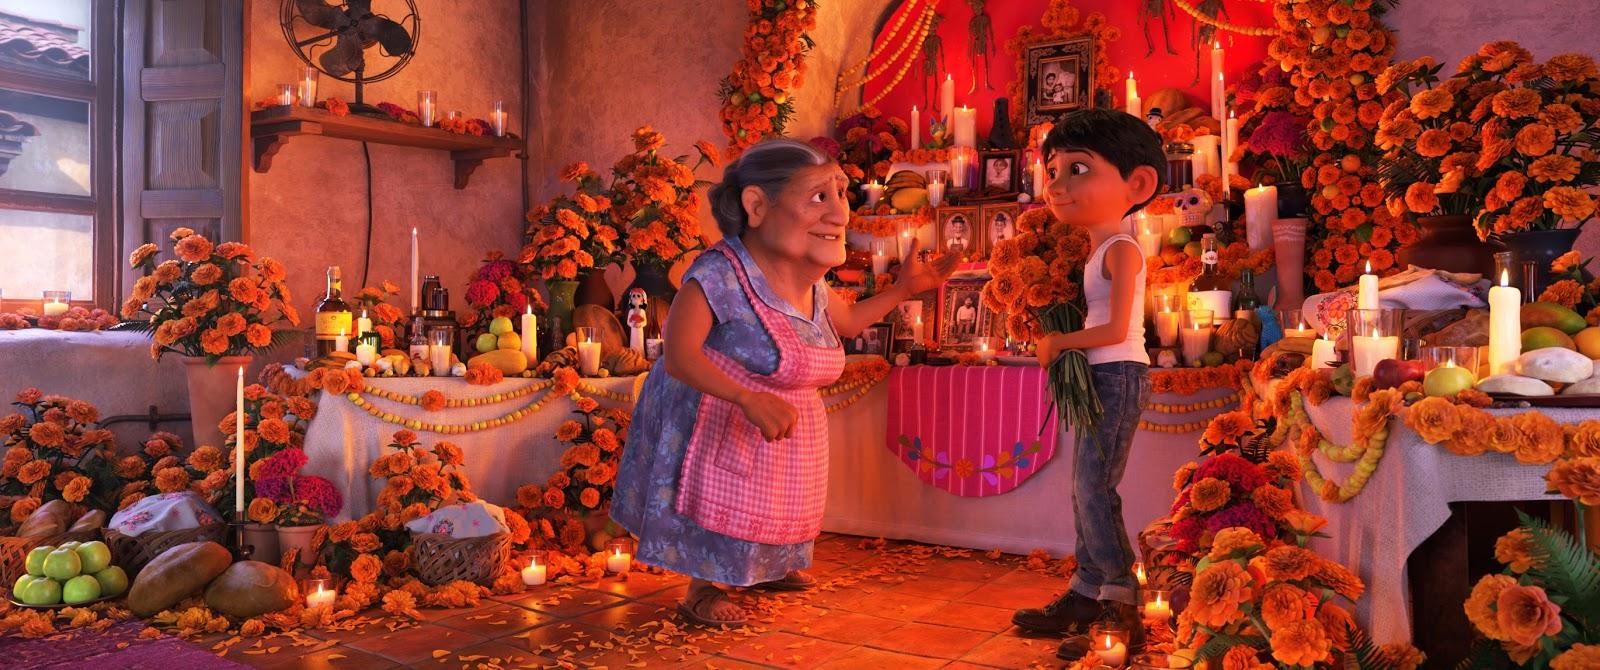 Coco Film Still